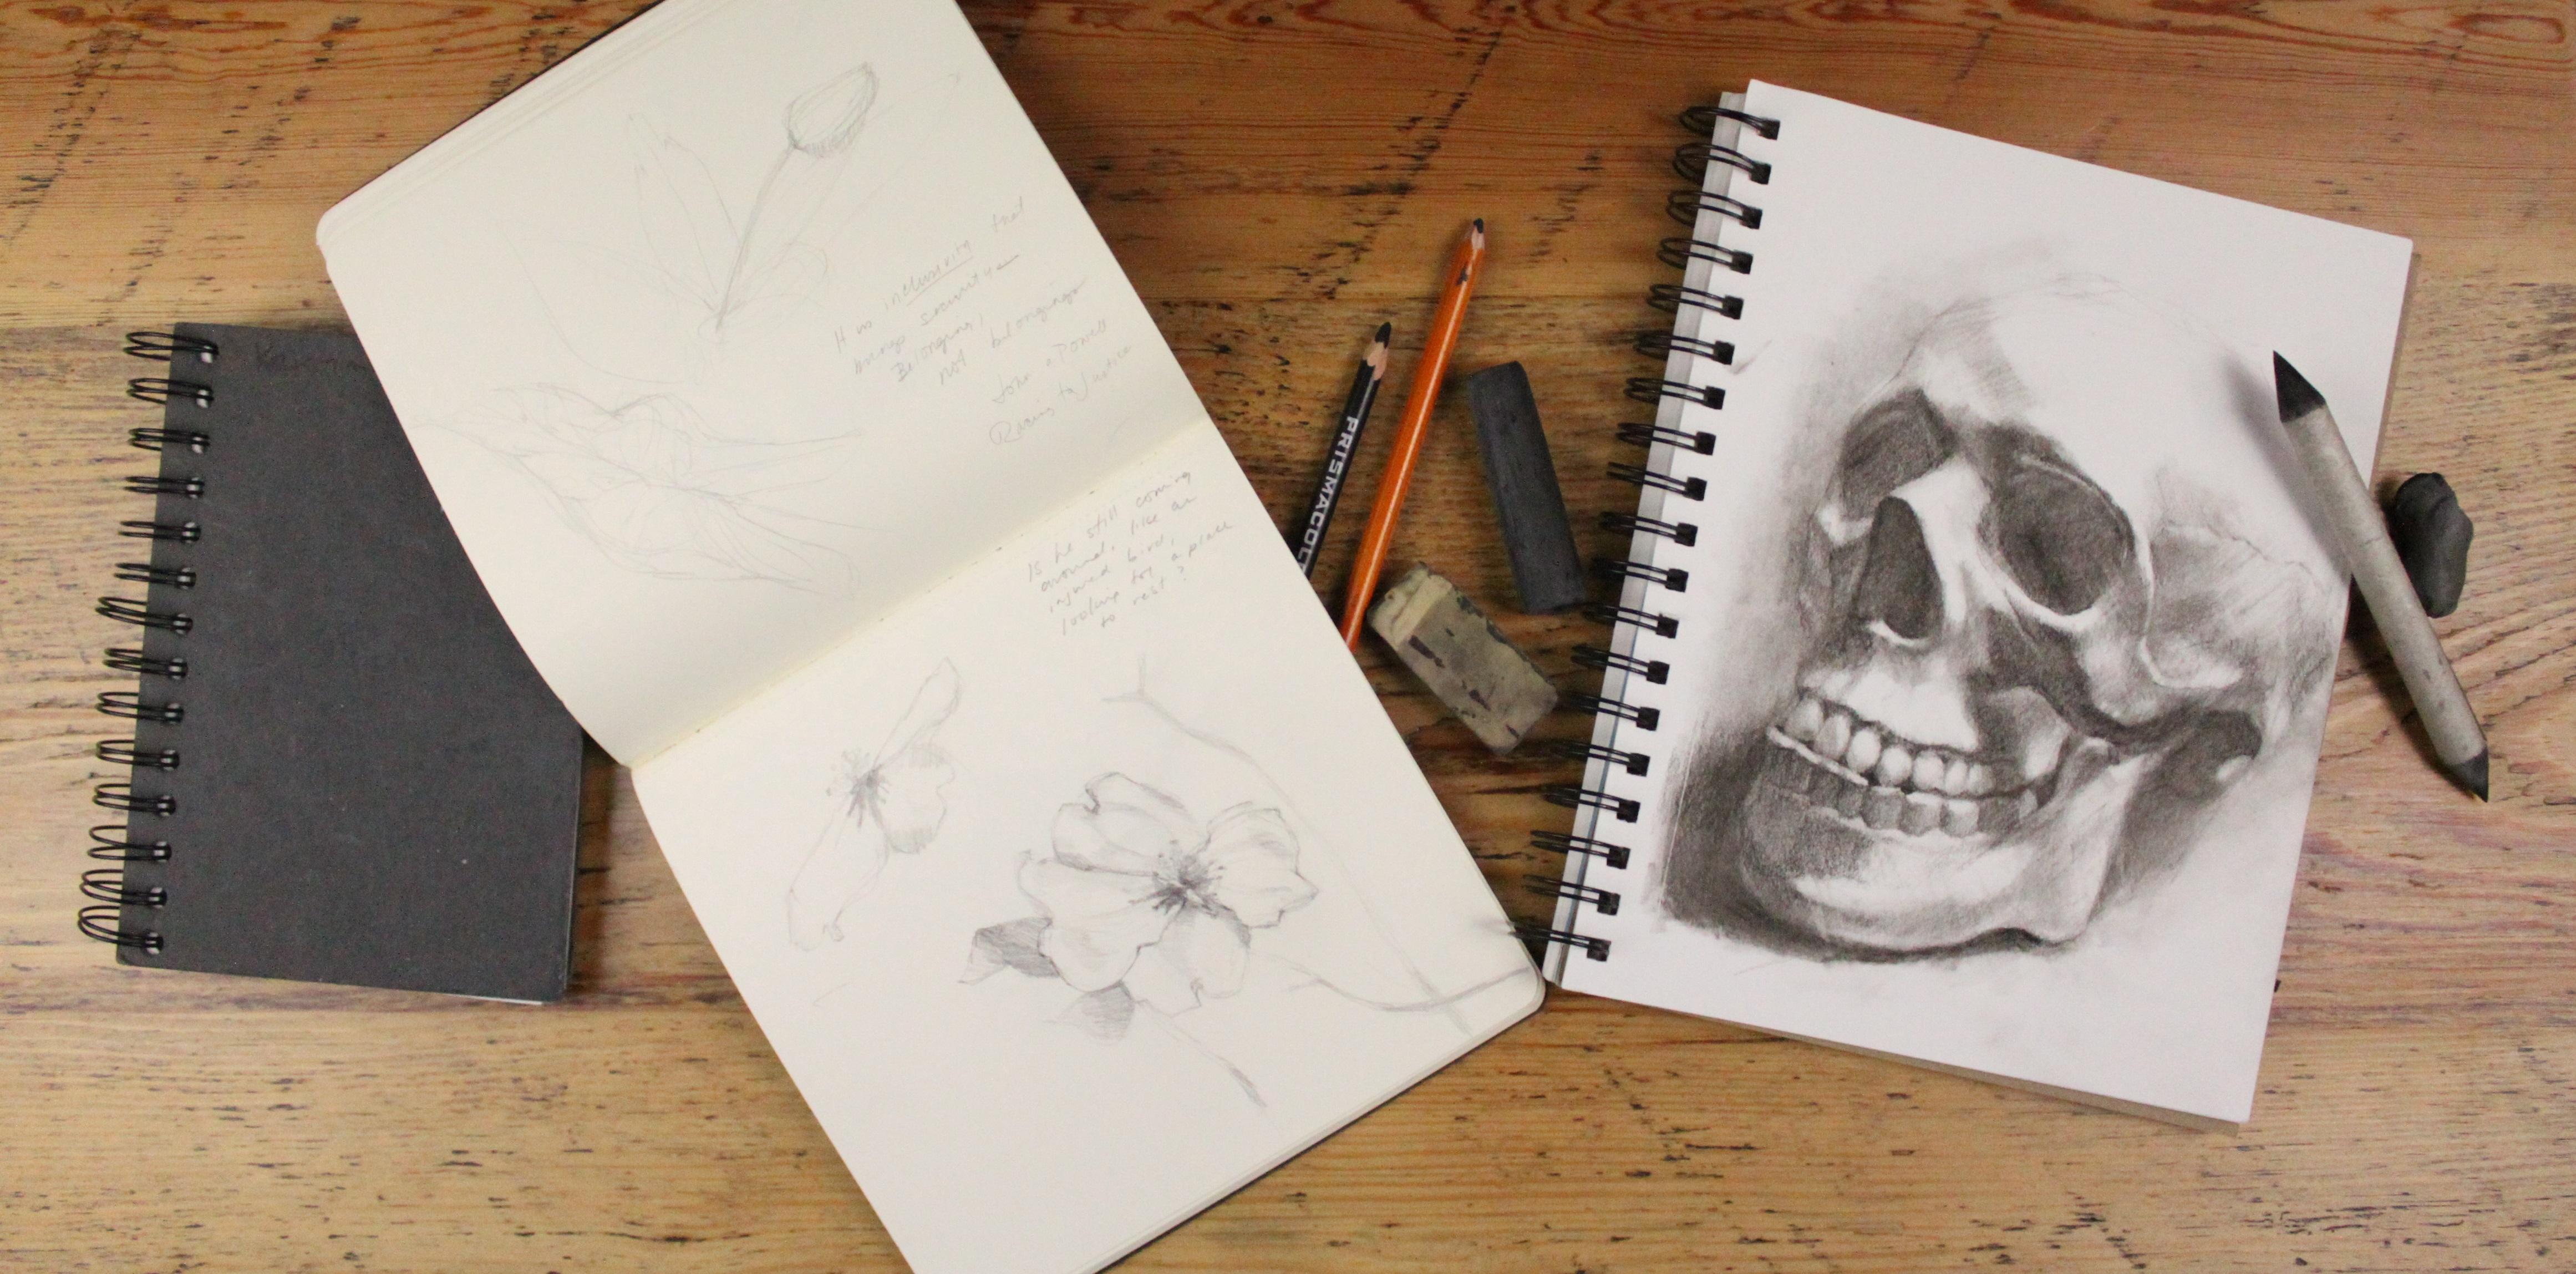 Sketchzatura